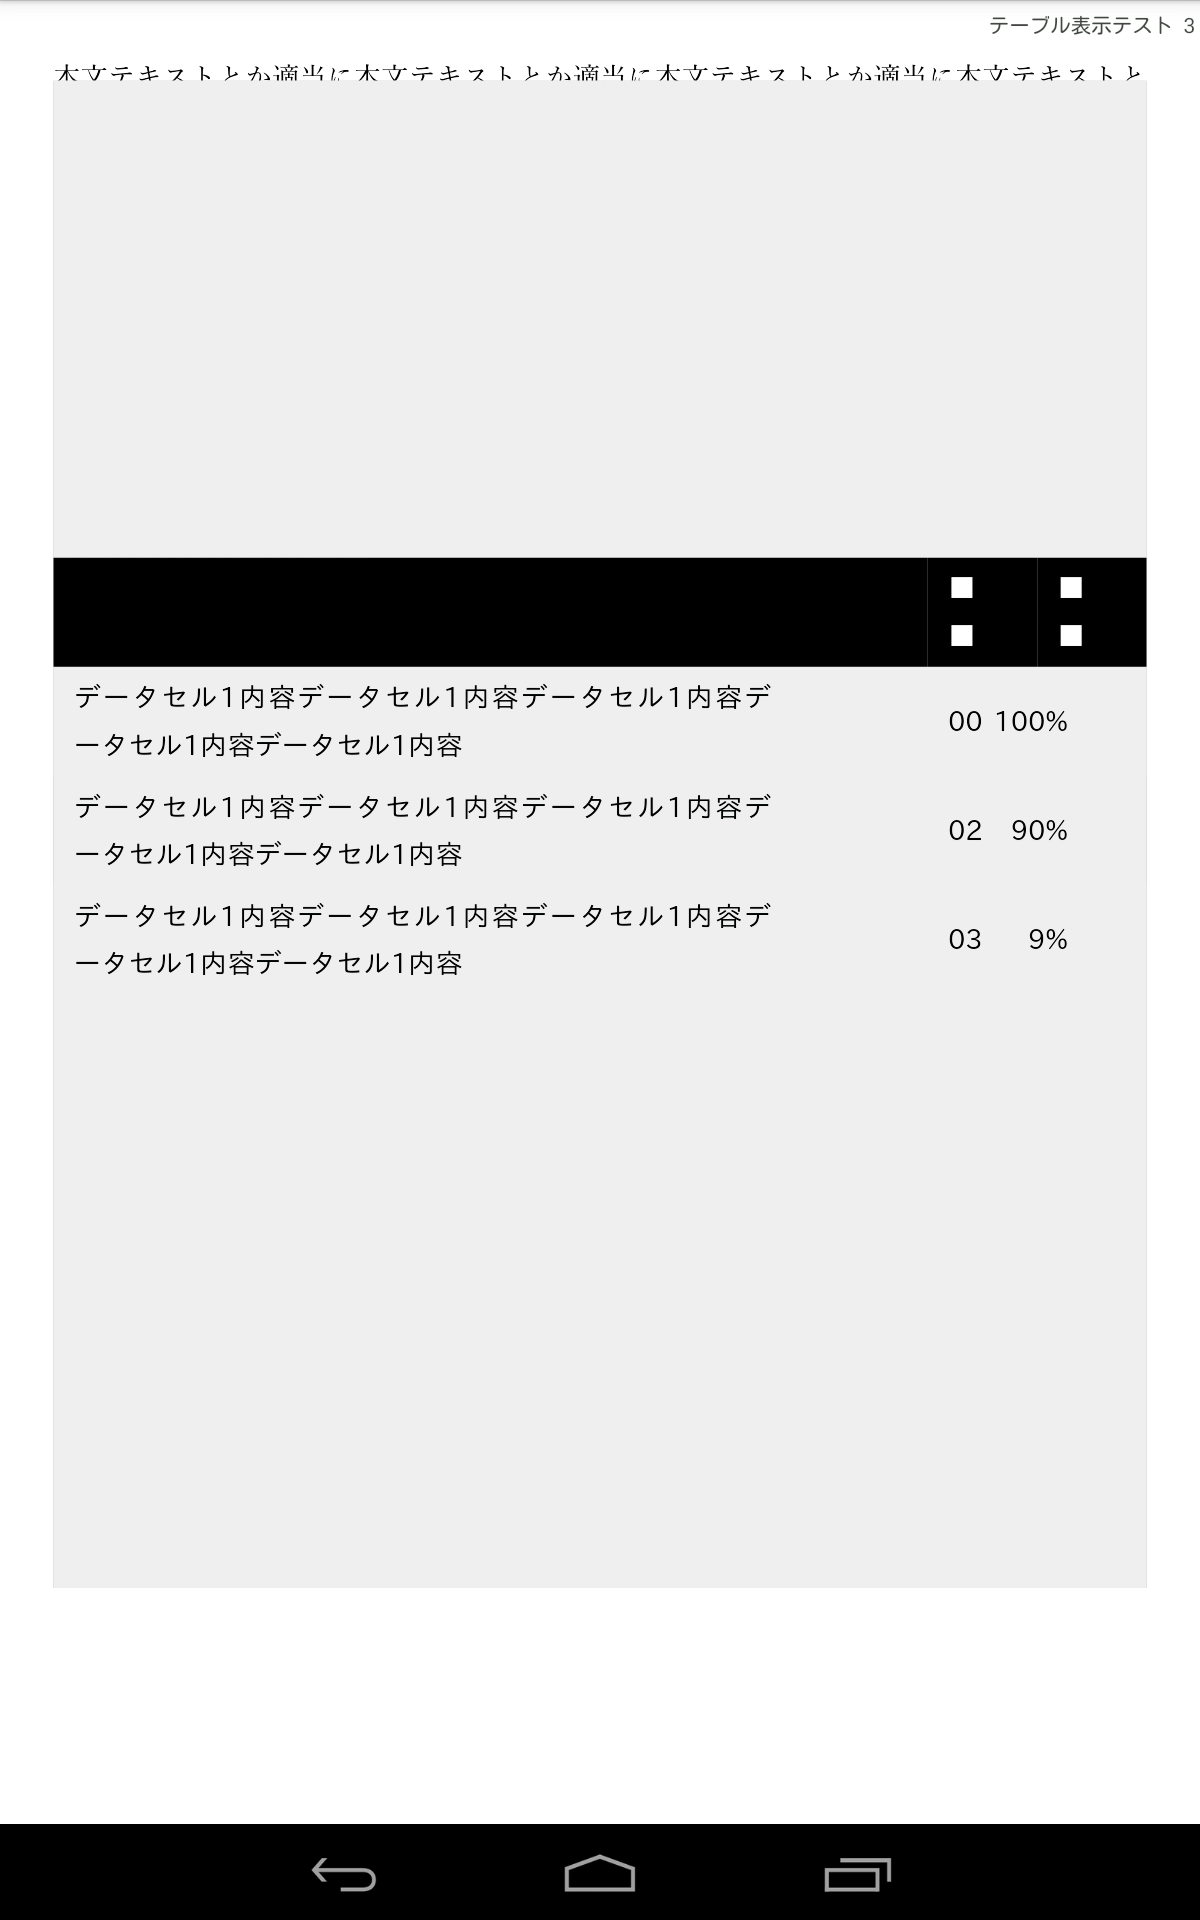 Android Kinoppy 表1